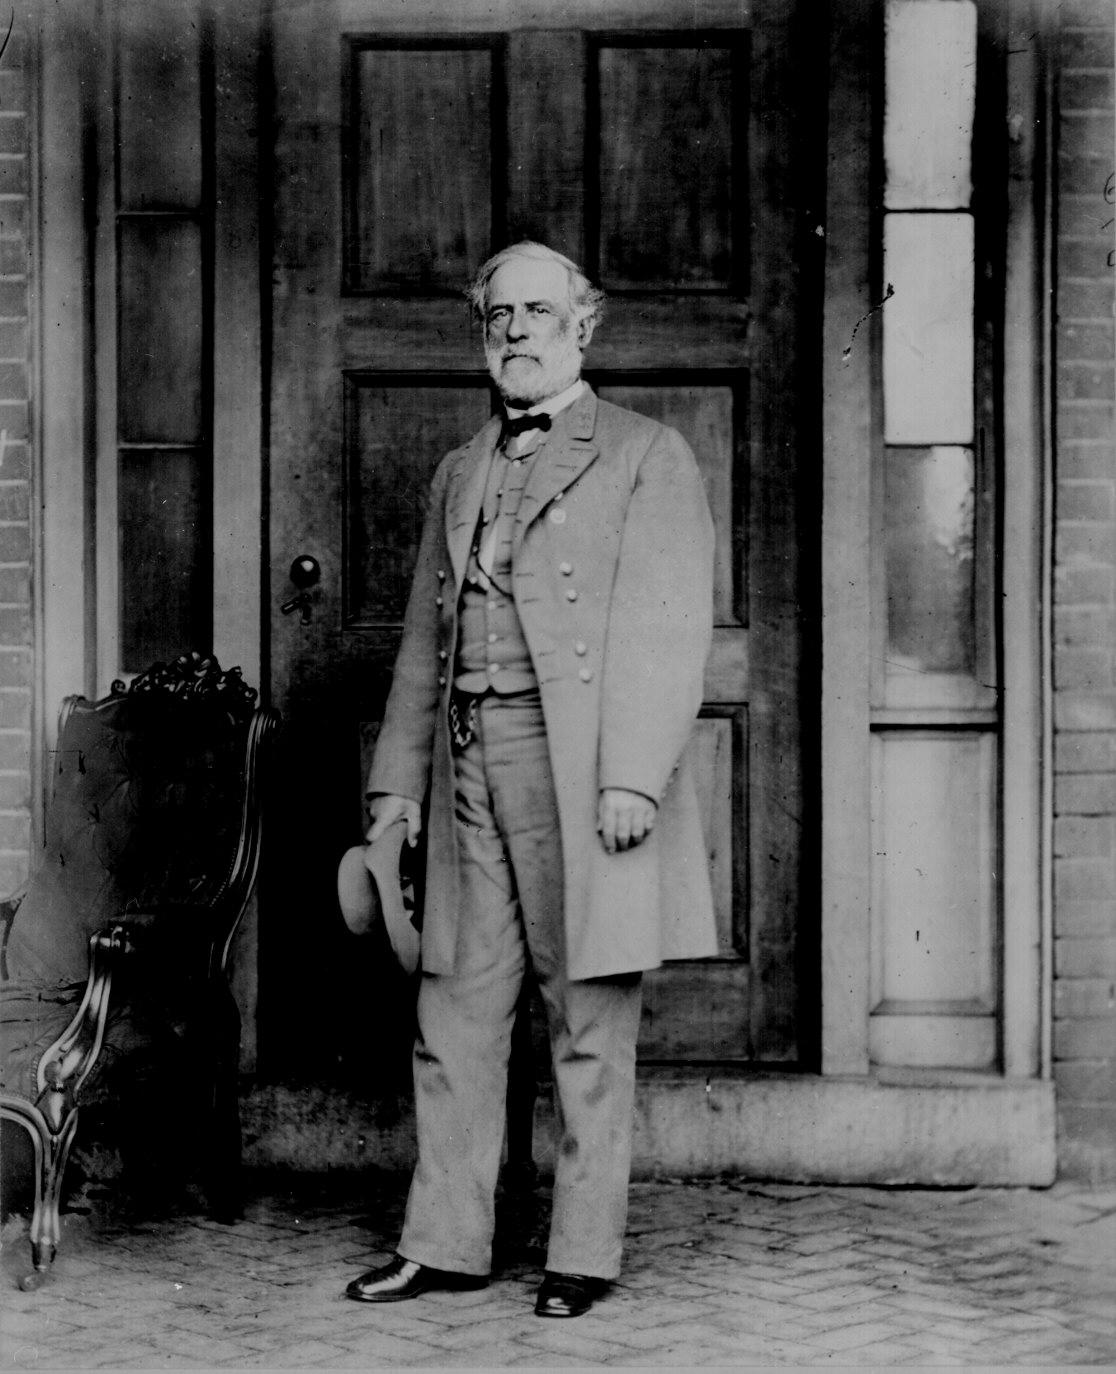 Matthew Brady photograph of Robert E. Lee, 1865